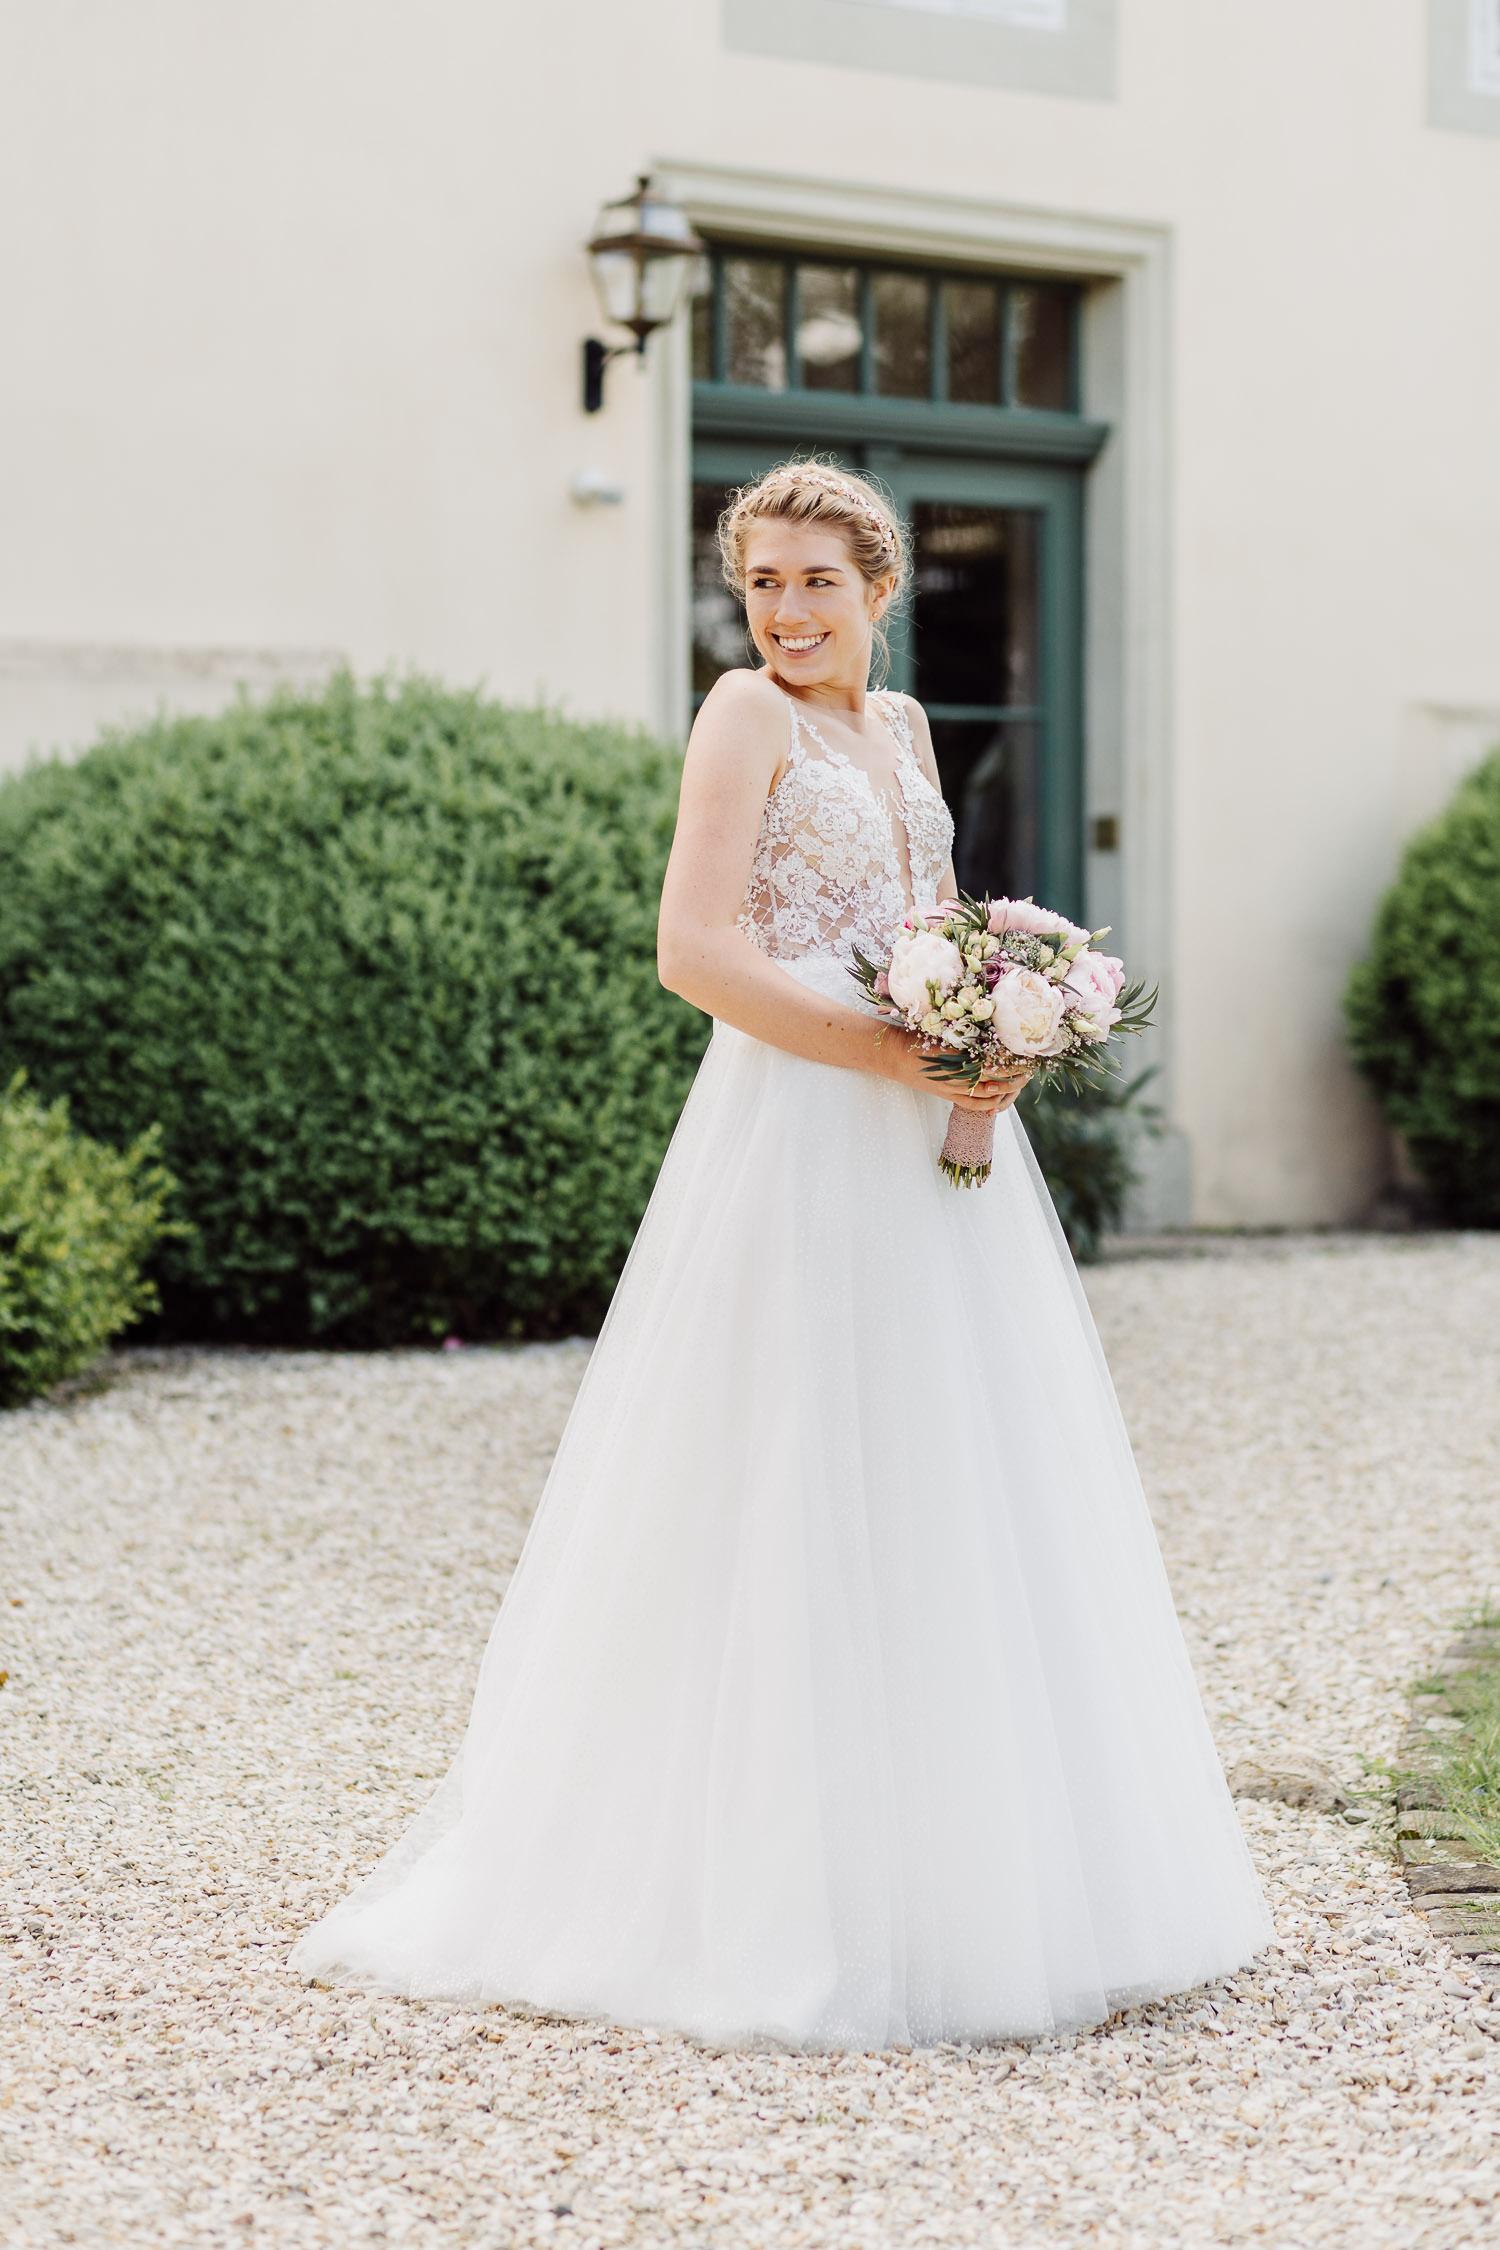 Porträtfoto Braut im wunderschönen Hochzeitskleid